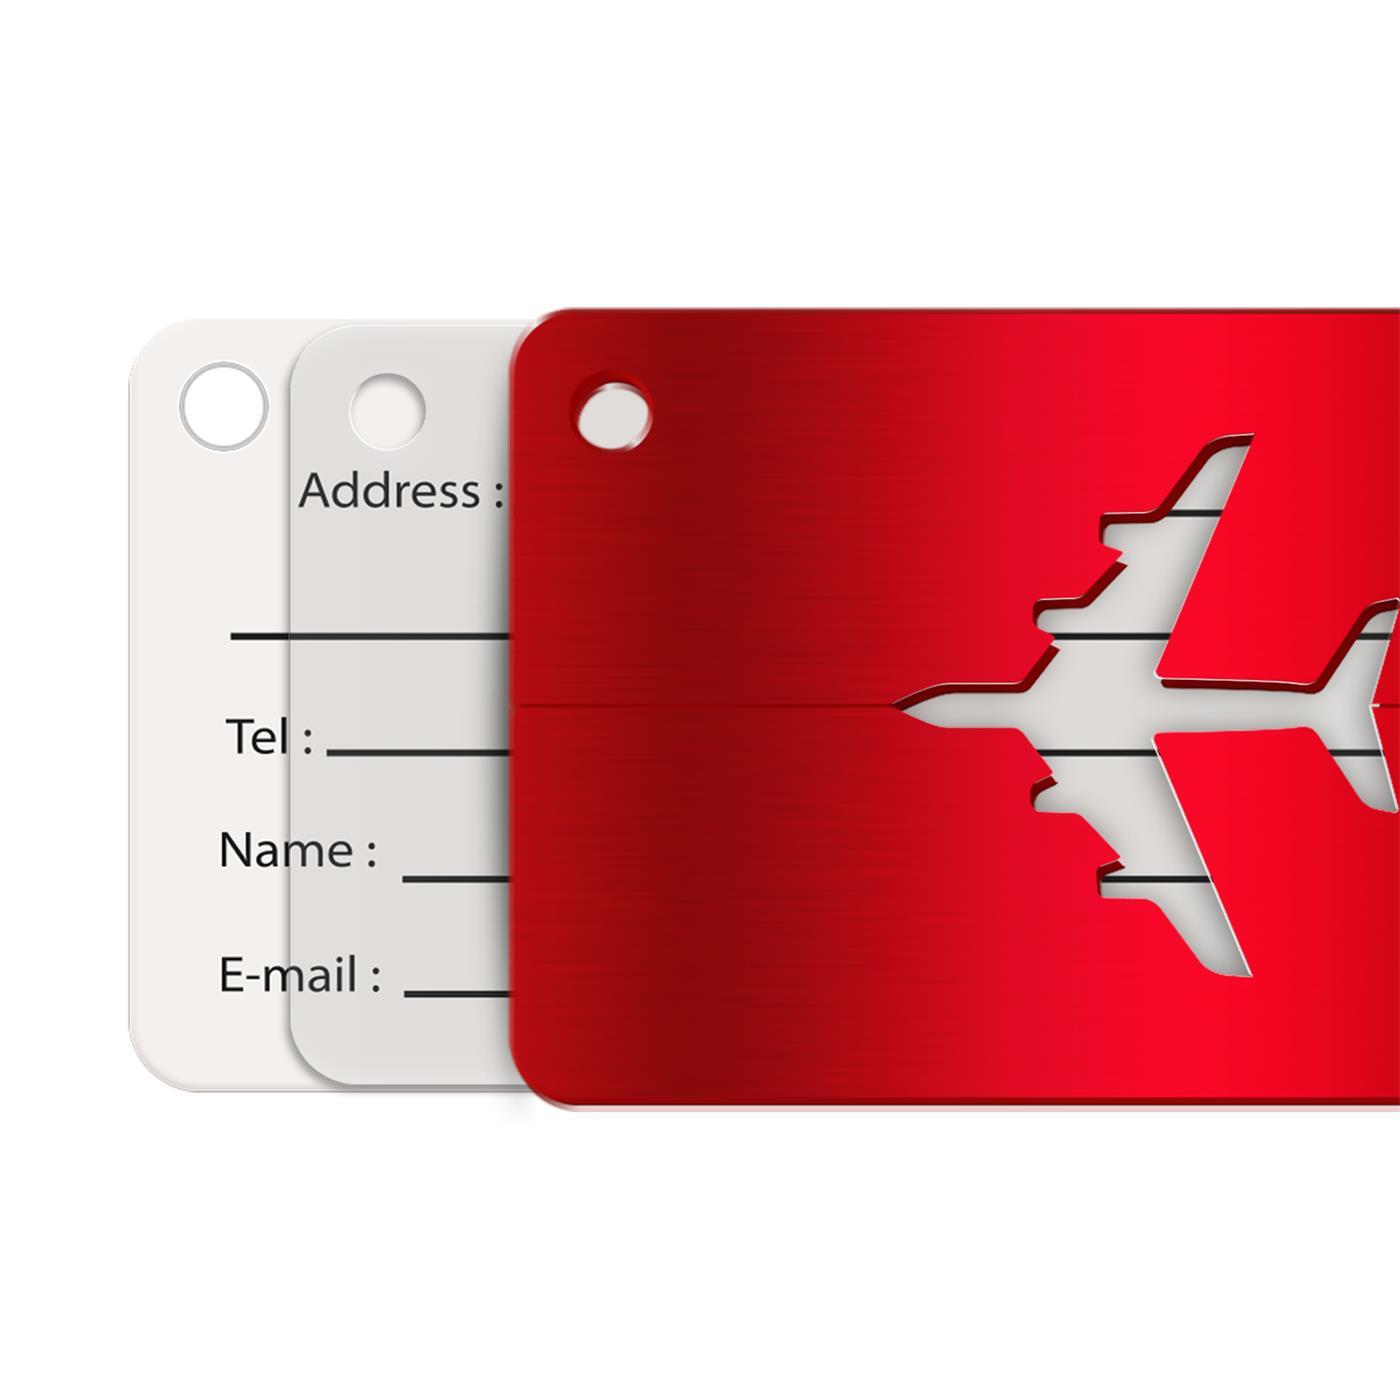 Reise-Kofferanhaenger-Namensschild-Gepaeck-Anhaenger-Schild-Urlaub-Flugzeug-Trolley Indexbild 17